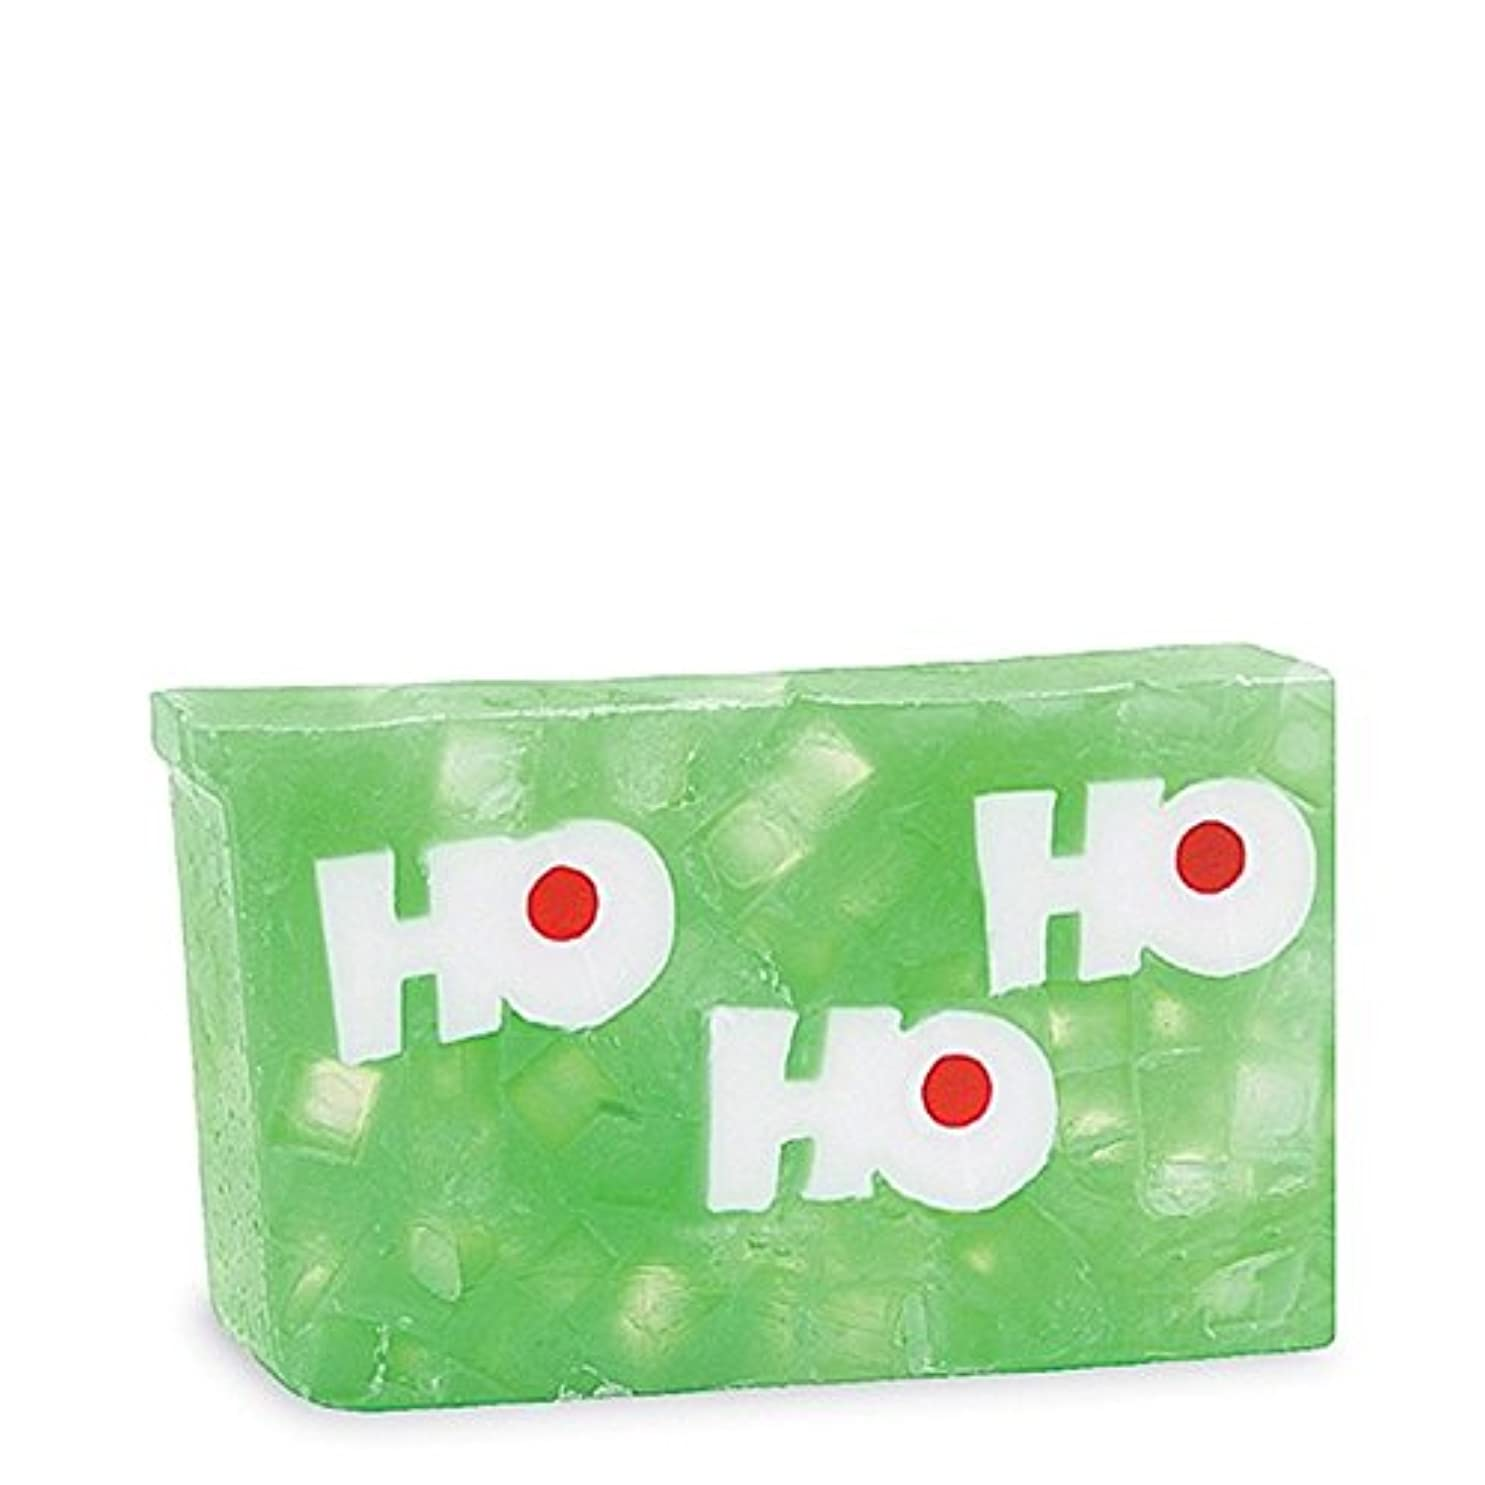 公然と干渉タンパク質原初の要素ホーホーホ石鹸 x2 - Primal Elements Ho Ho Ho Soap (Pack of 2) [並行輸入品]